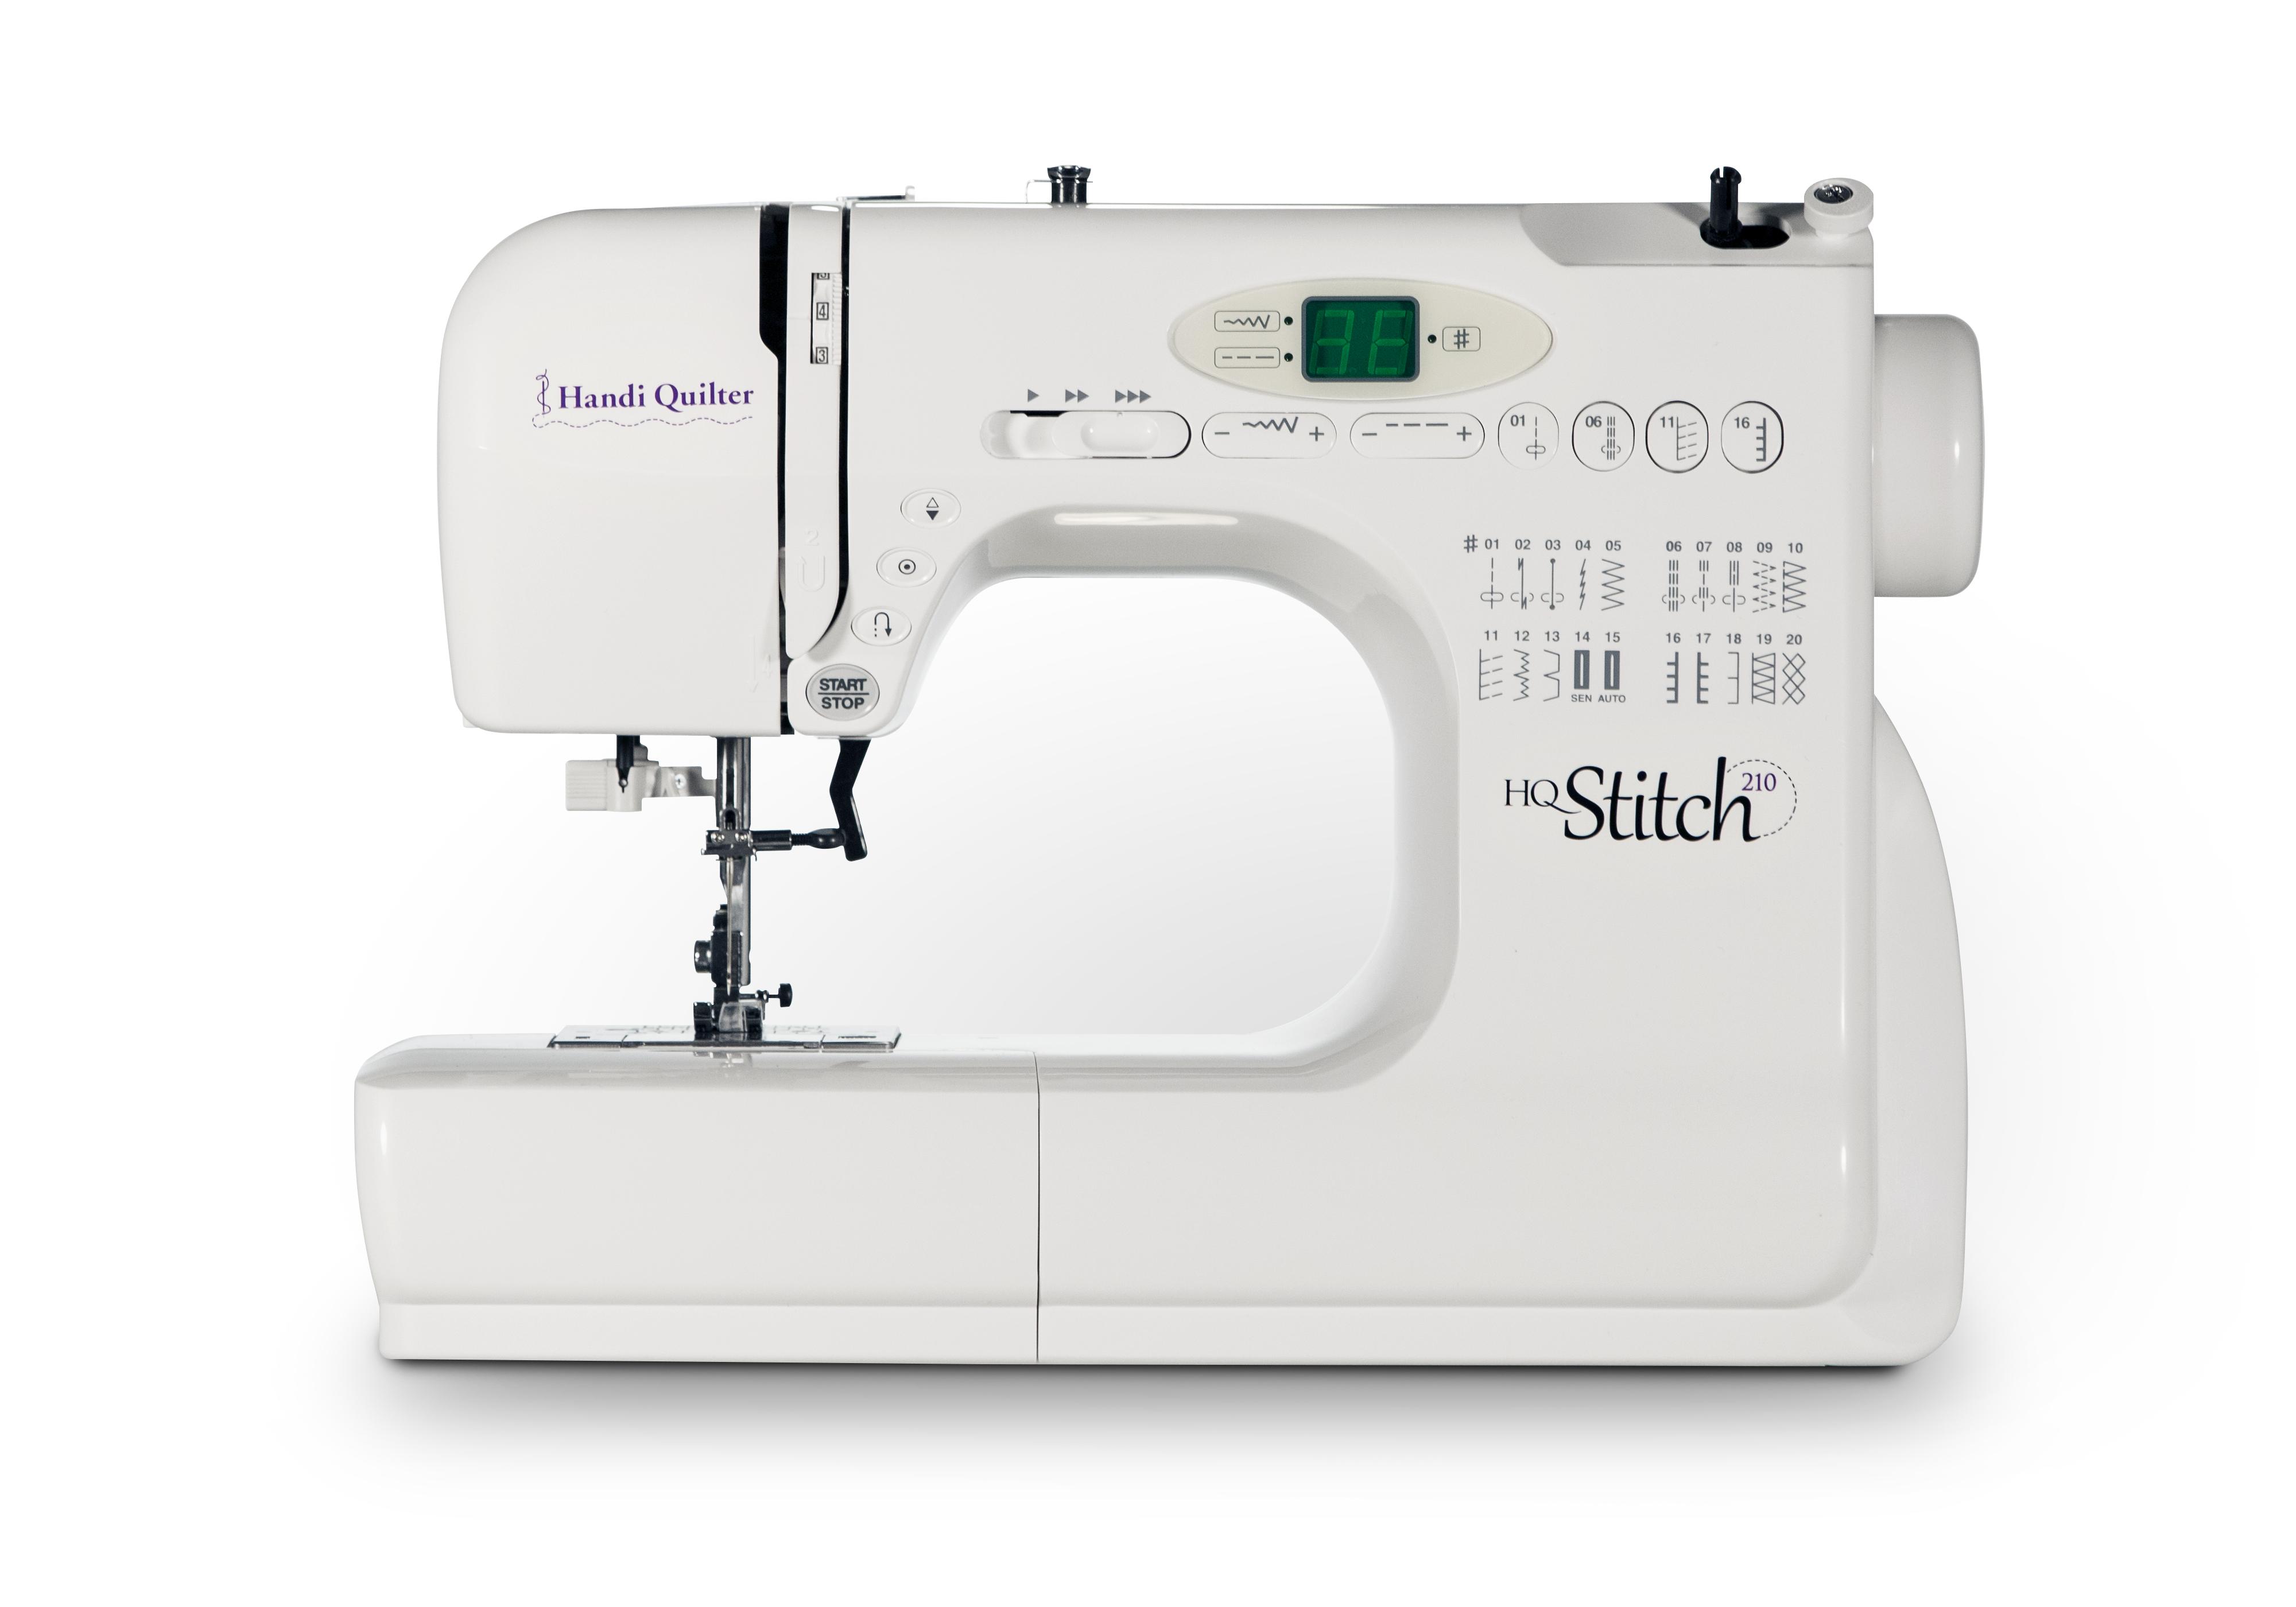 HQ Stitch 210 Sewing Machine